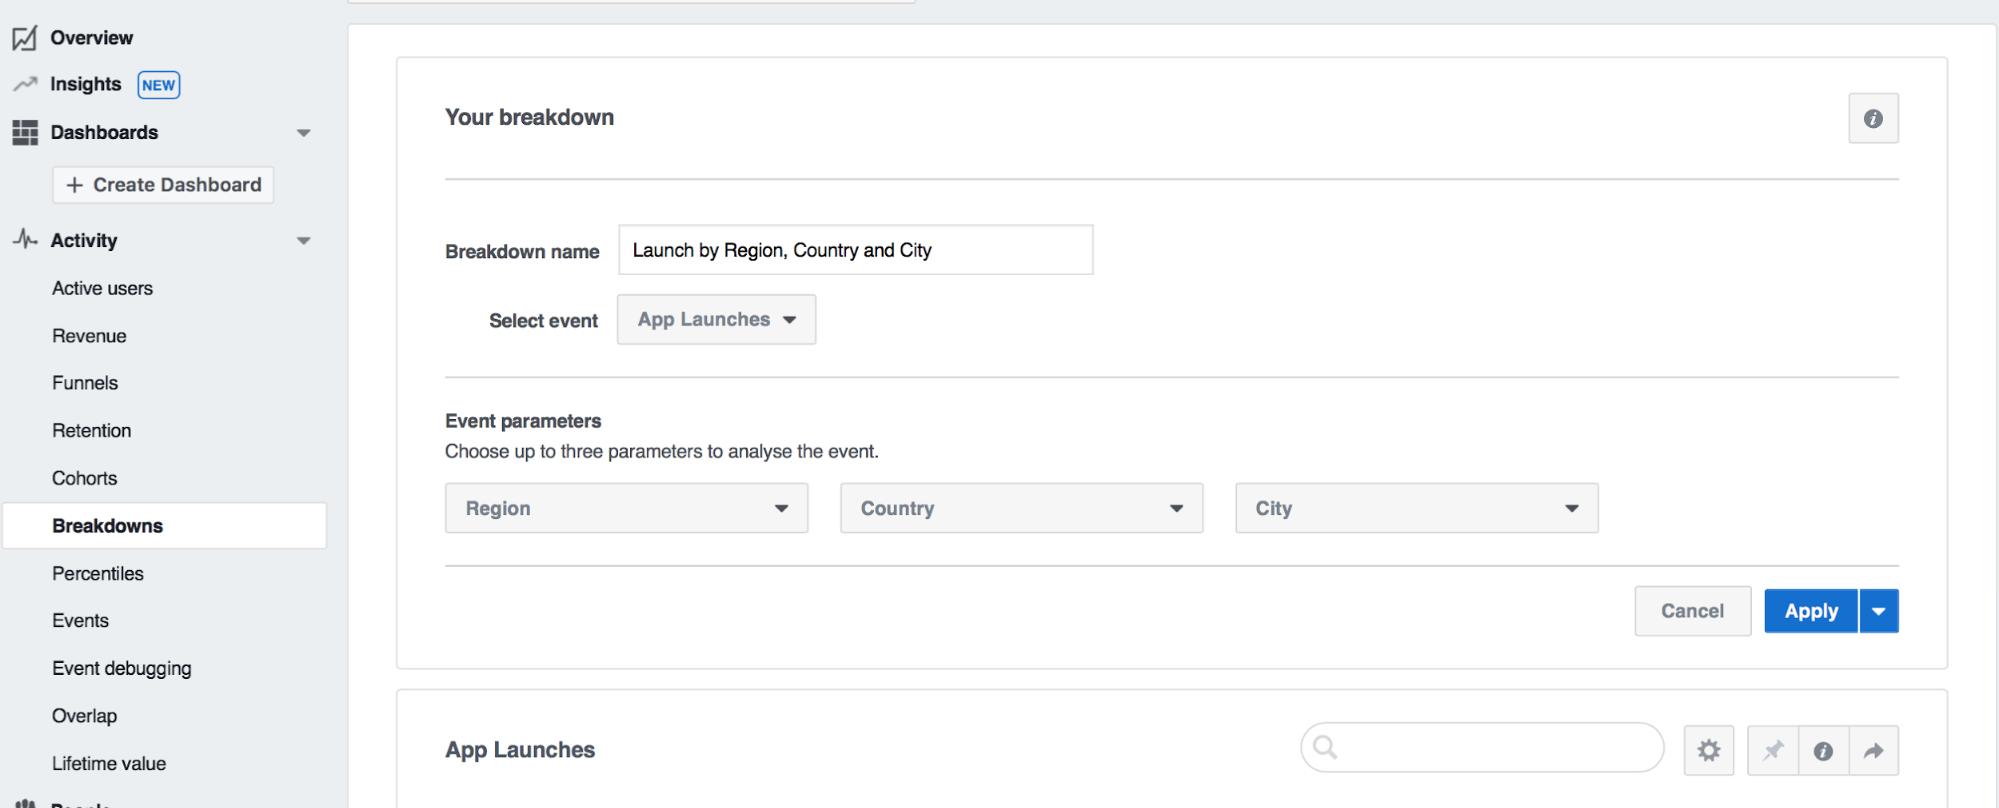 facebook analytic breakdown tab